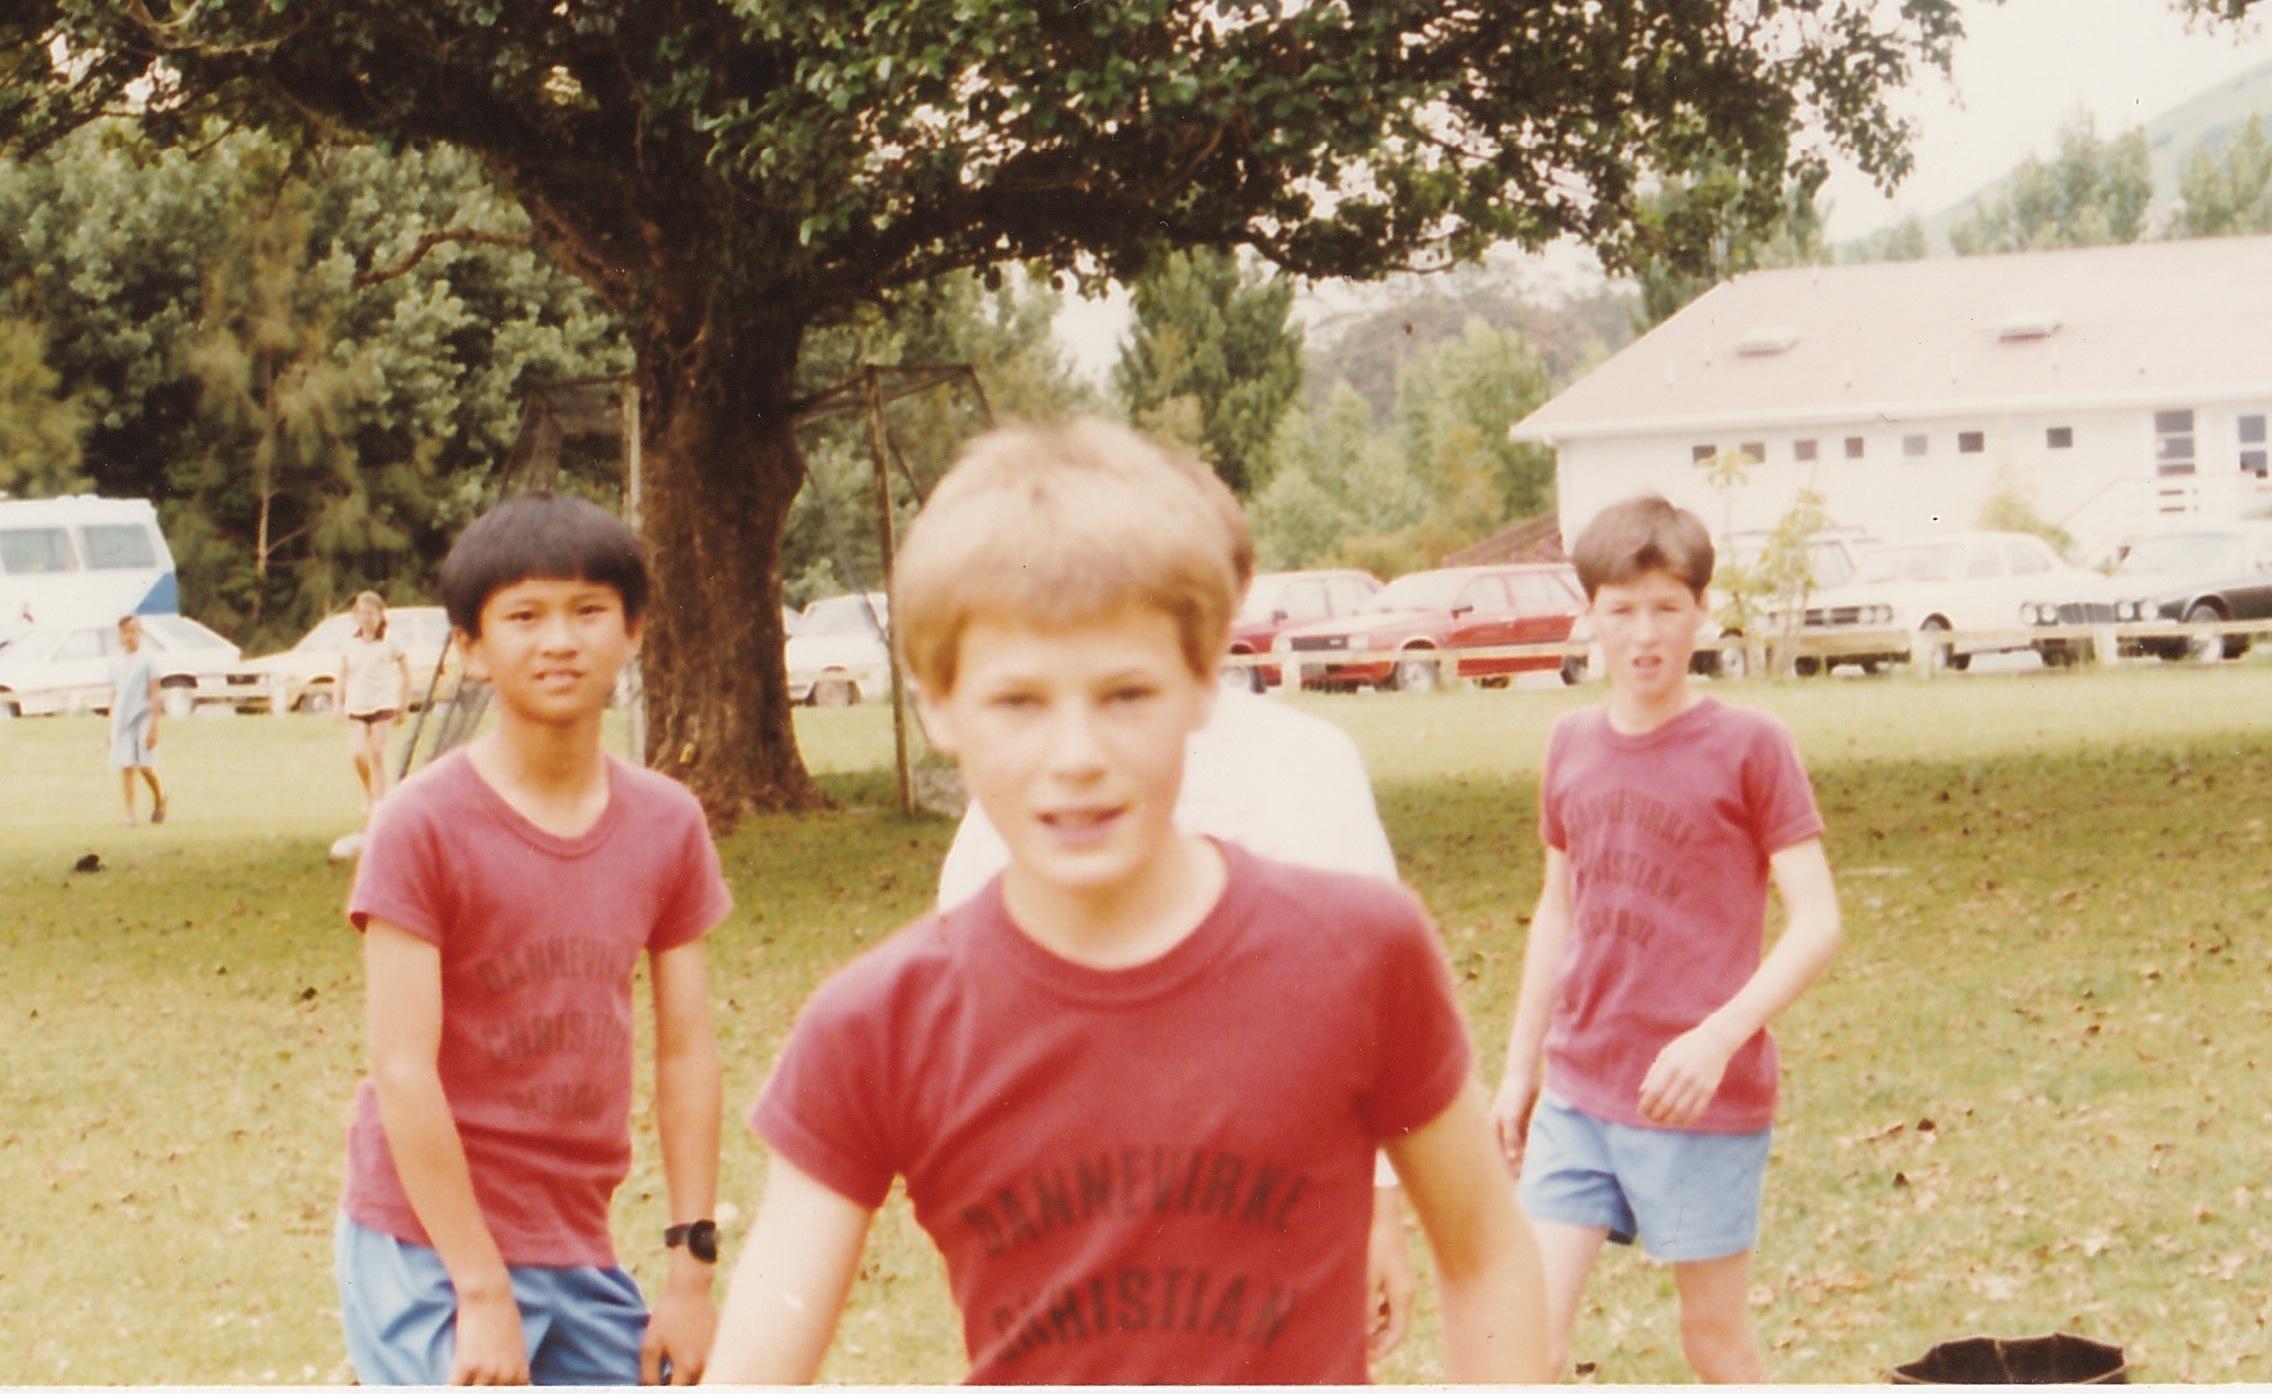 Young Matt. Dannevirke Christian School sports day.Source: Matt Lamason